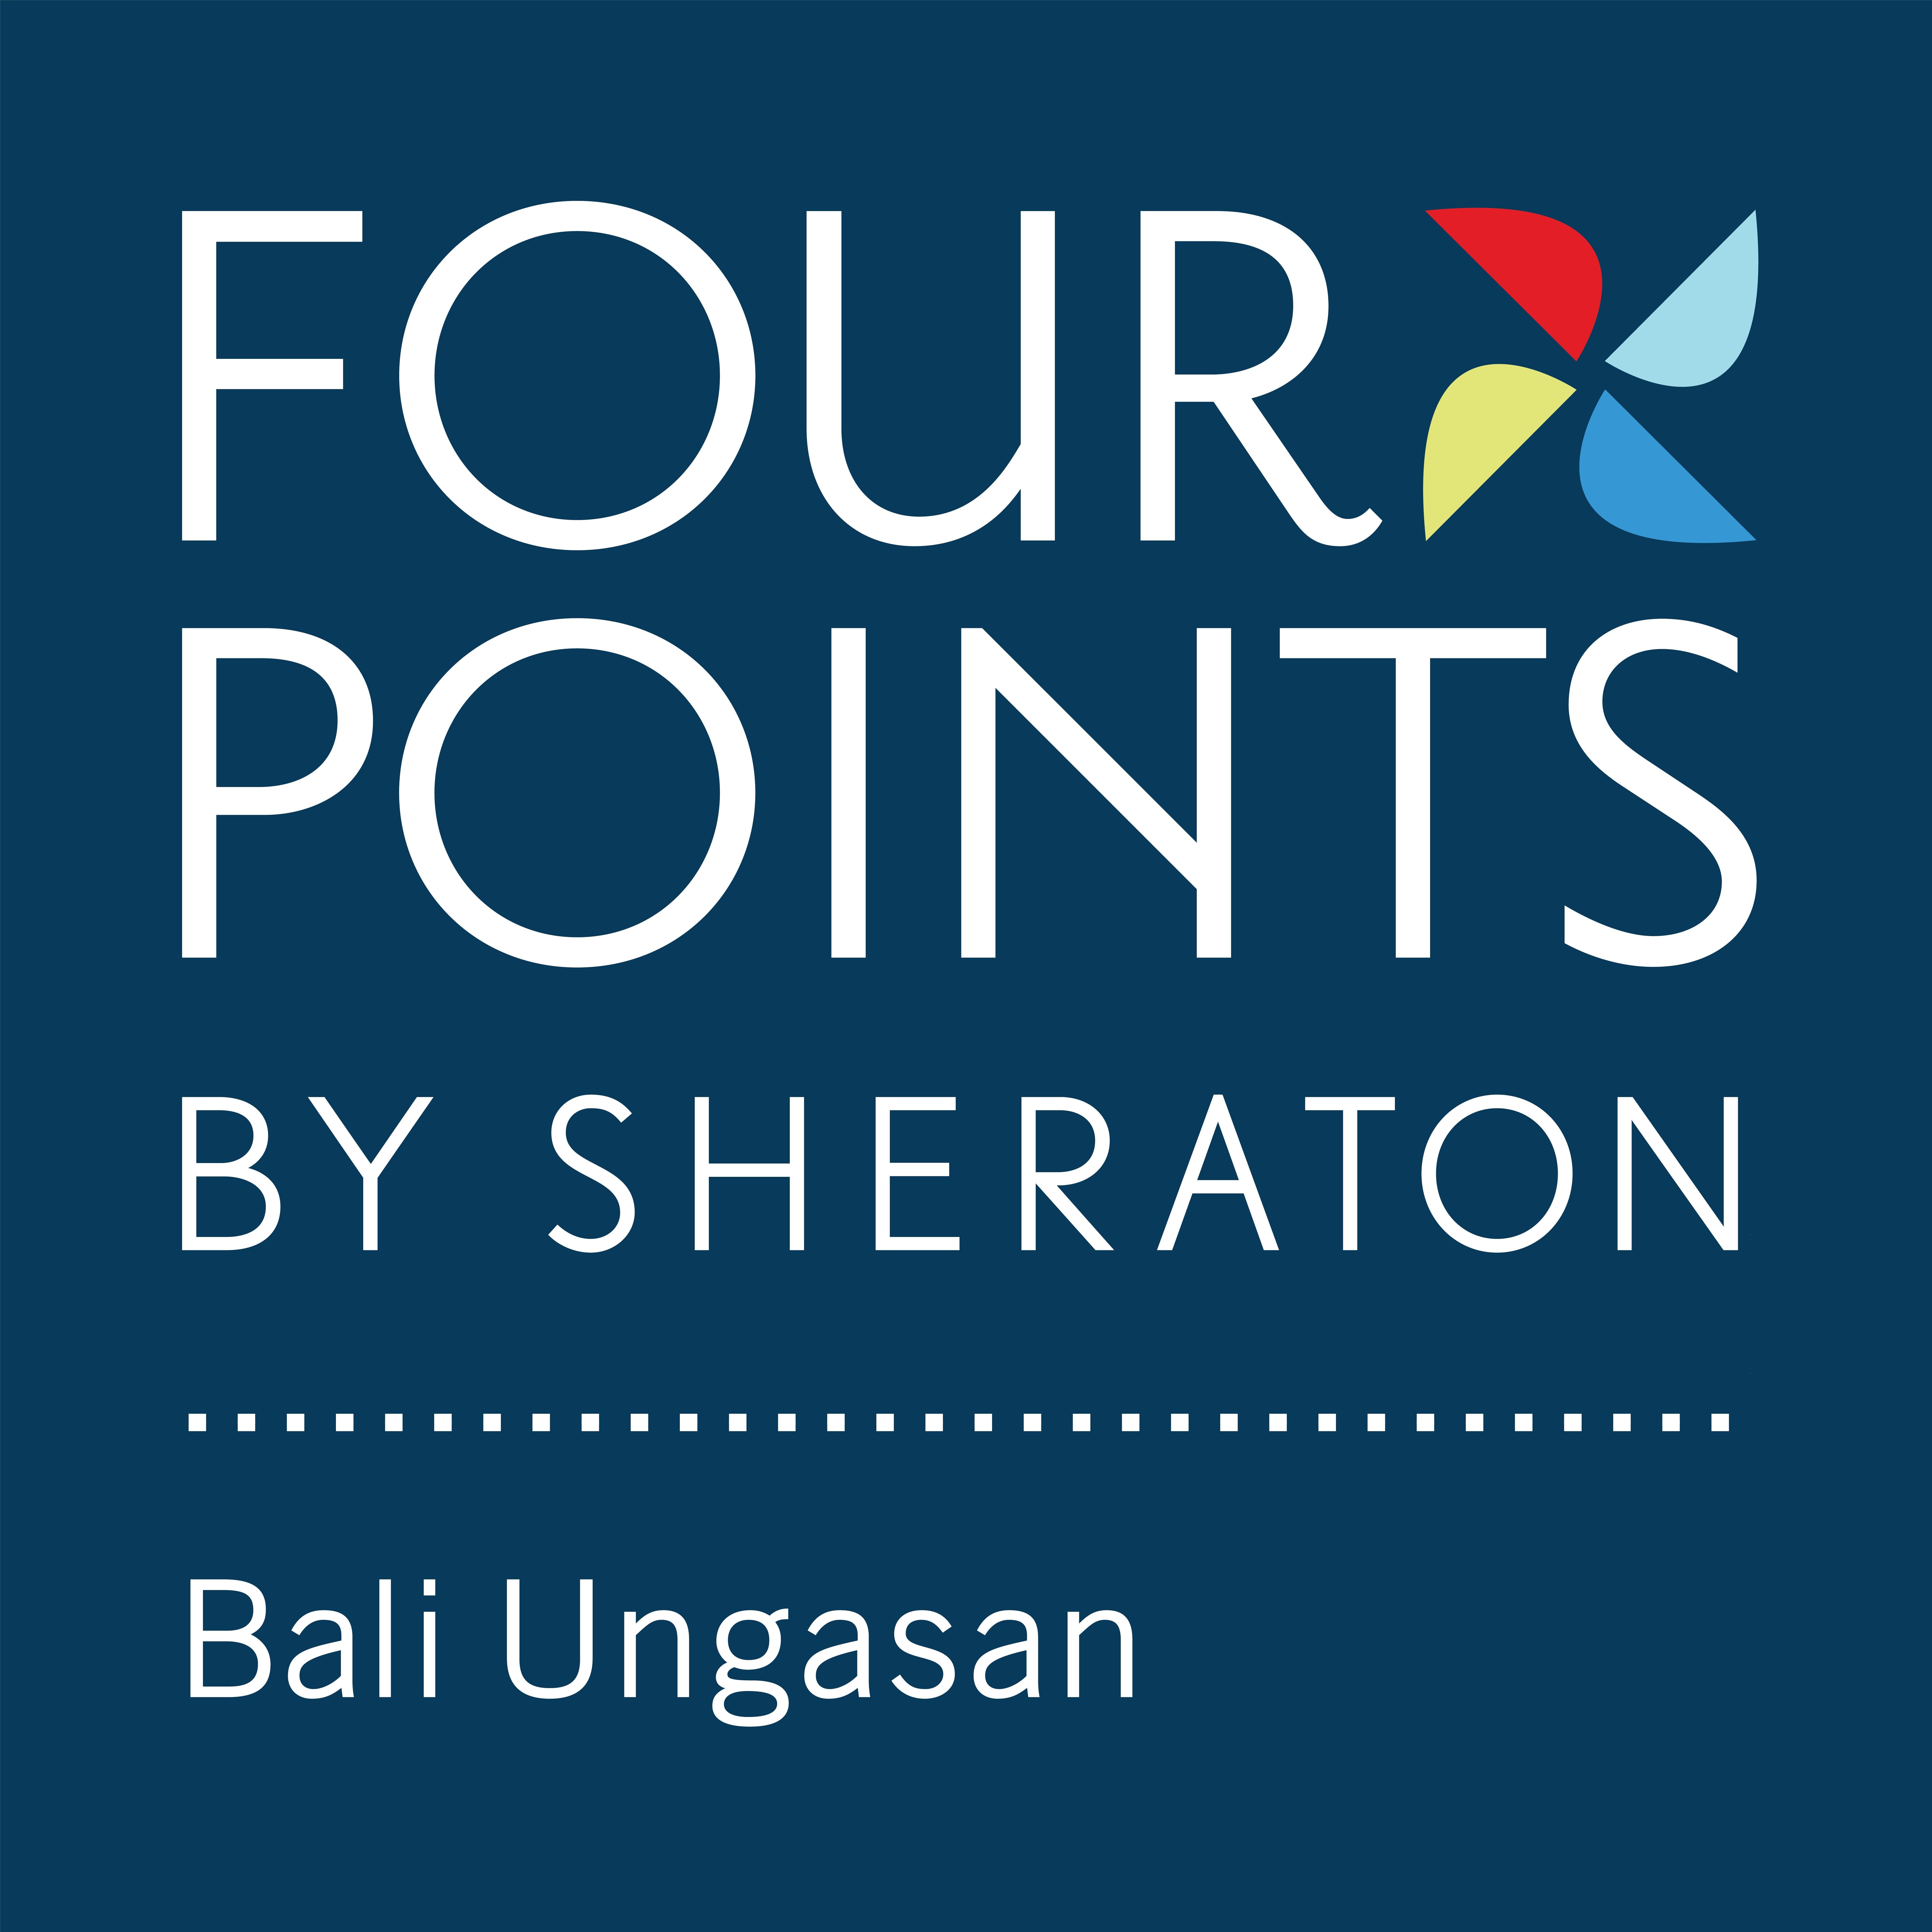 Four Points by Sheraton Bali, Ungasan